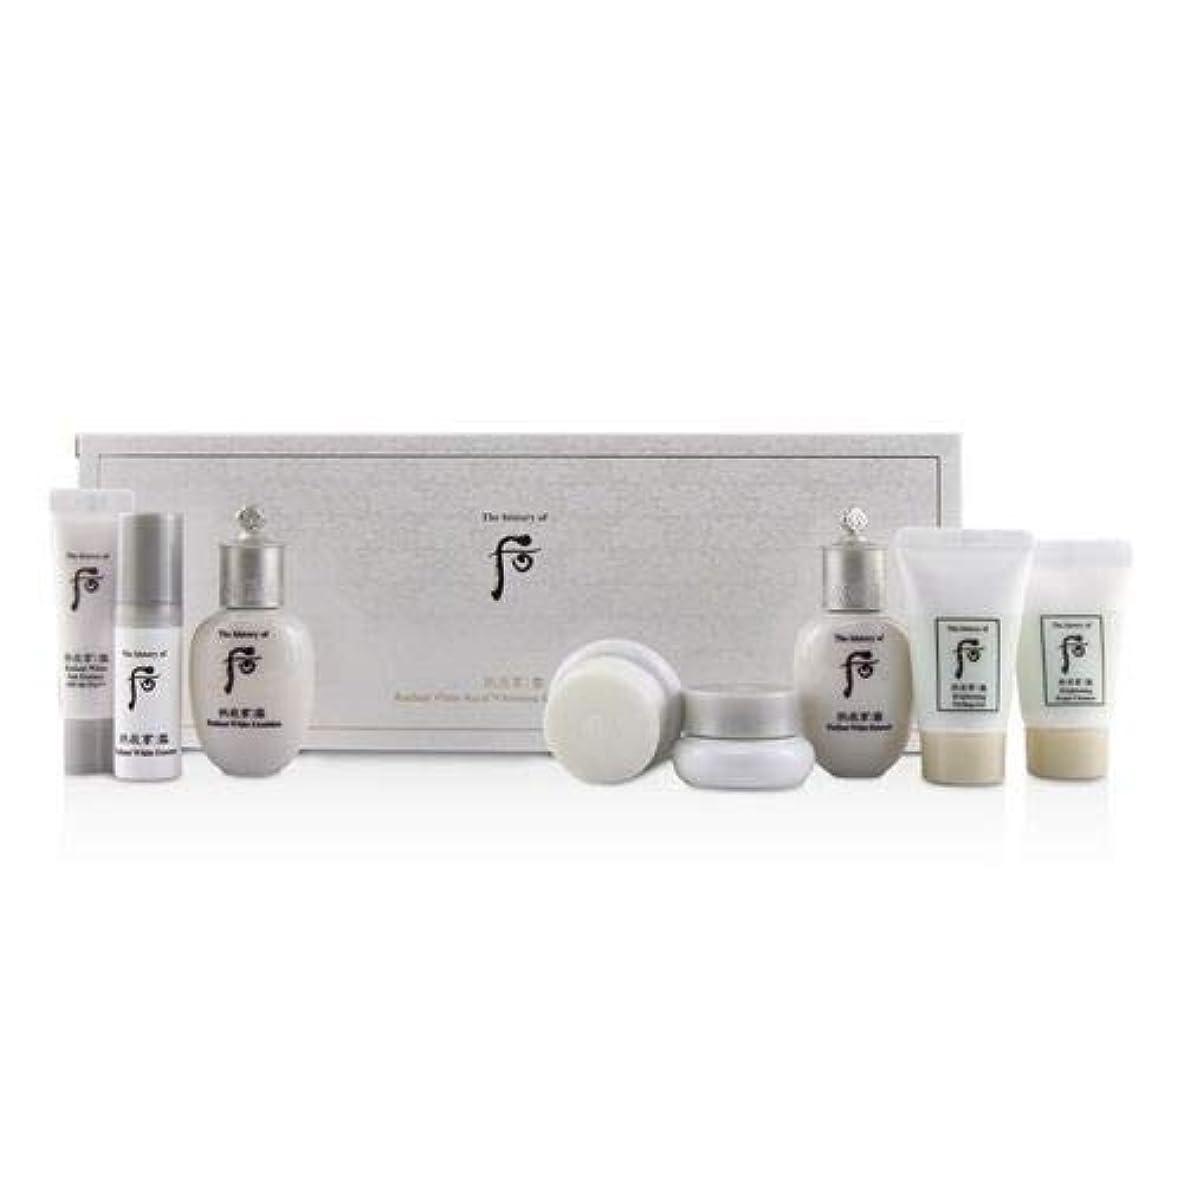 デンマーク流用する突っ込む后 (The History Of 后) Gongjinhyang Seol Radiant Whitening 8 pcs Gift Set: Balancer 20ml + Emulsion 20ml + Essence 5ml + Mo 8pcs並行輸入品